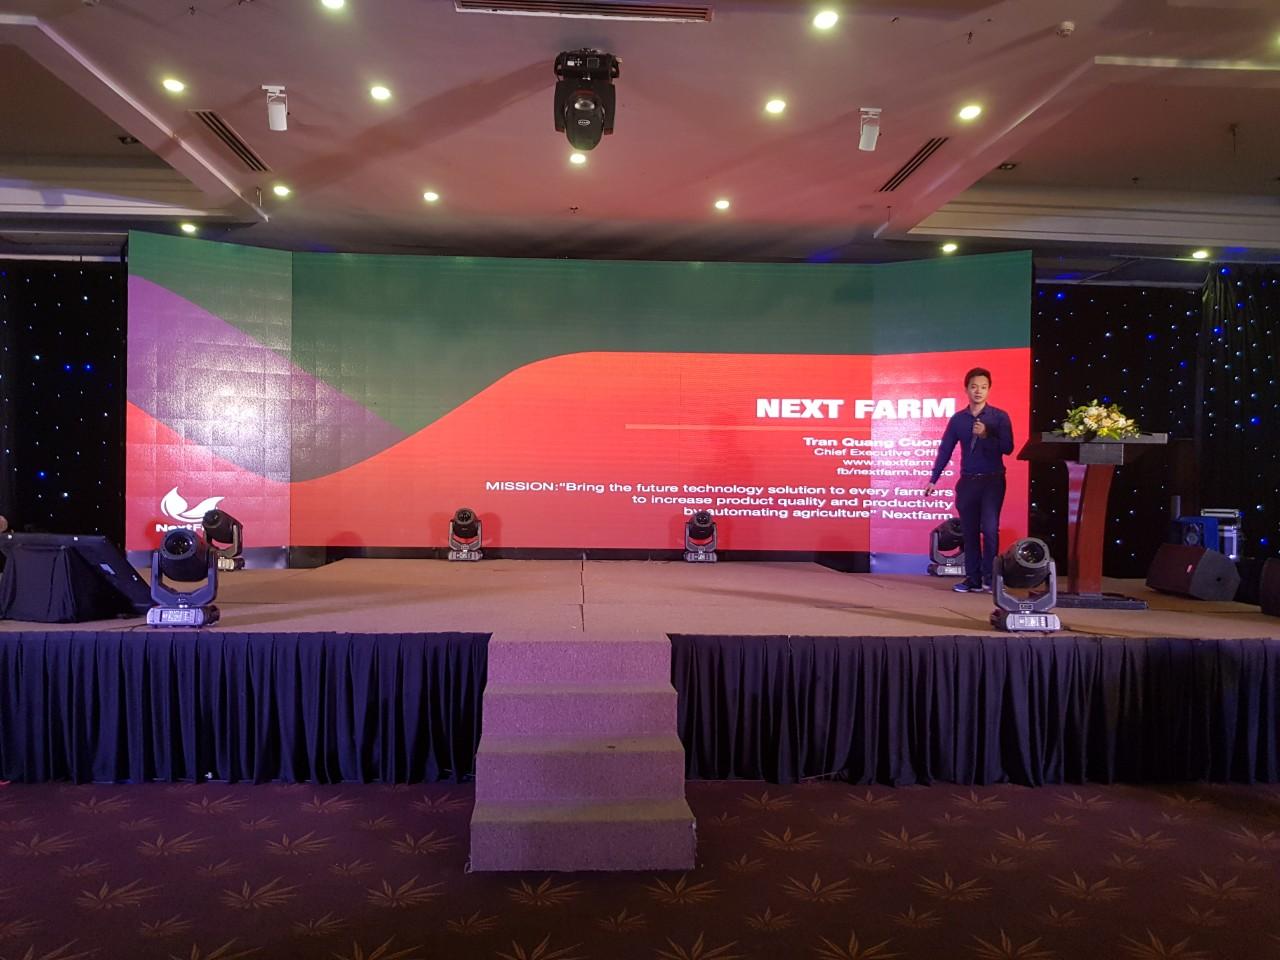 CEO Nông nghiệp thông minh Nextfarm ông Trần Quang Cường giới thiệu về Nextfarm tại hội nghị